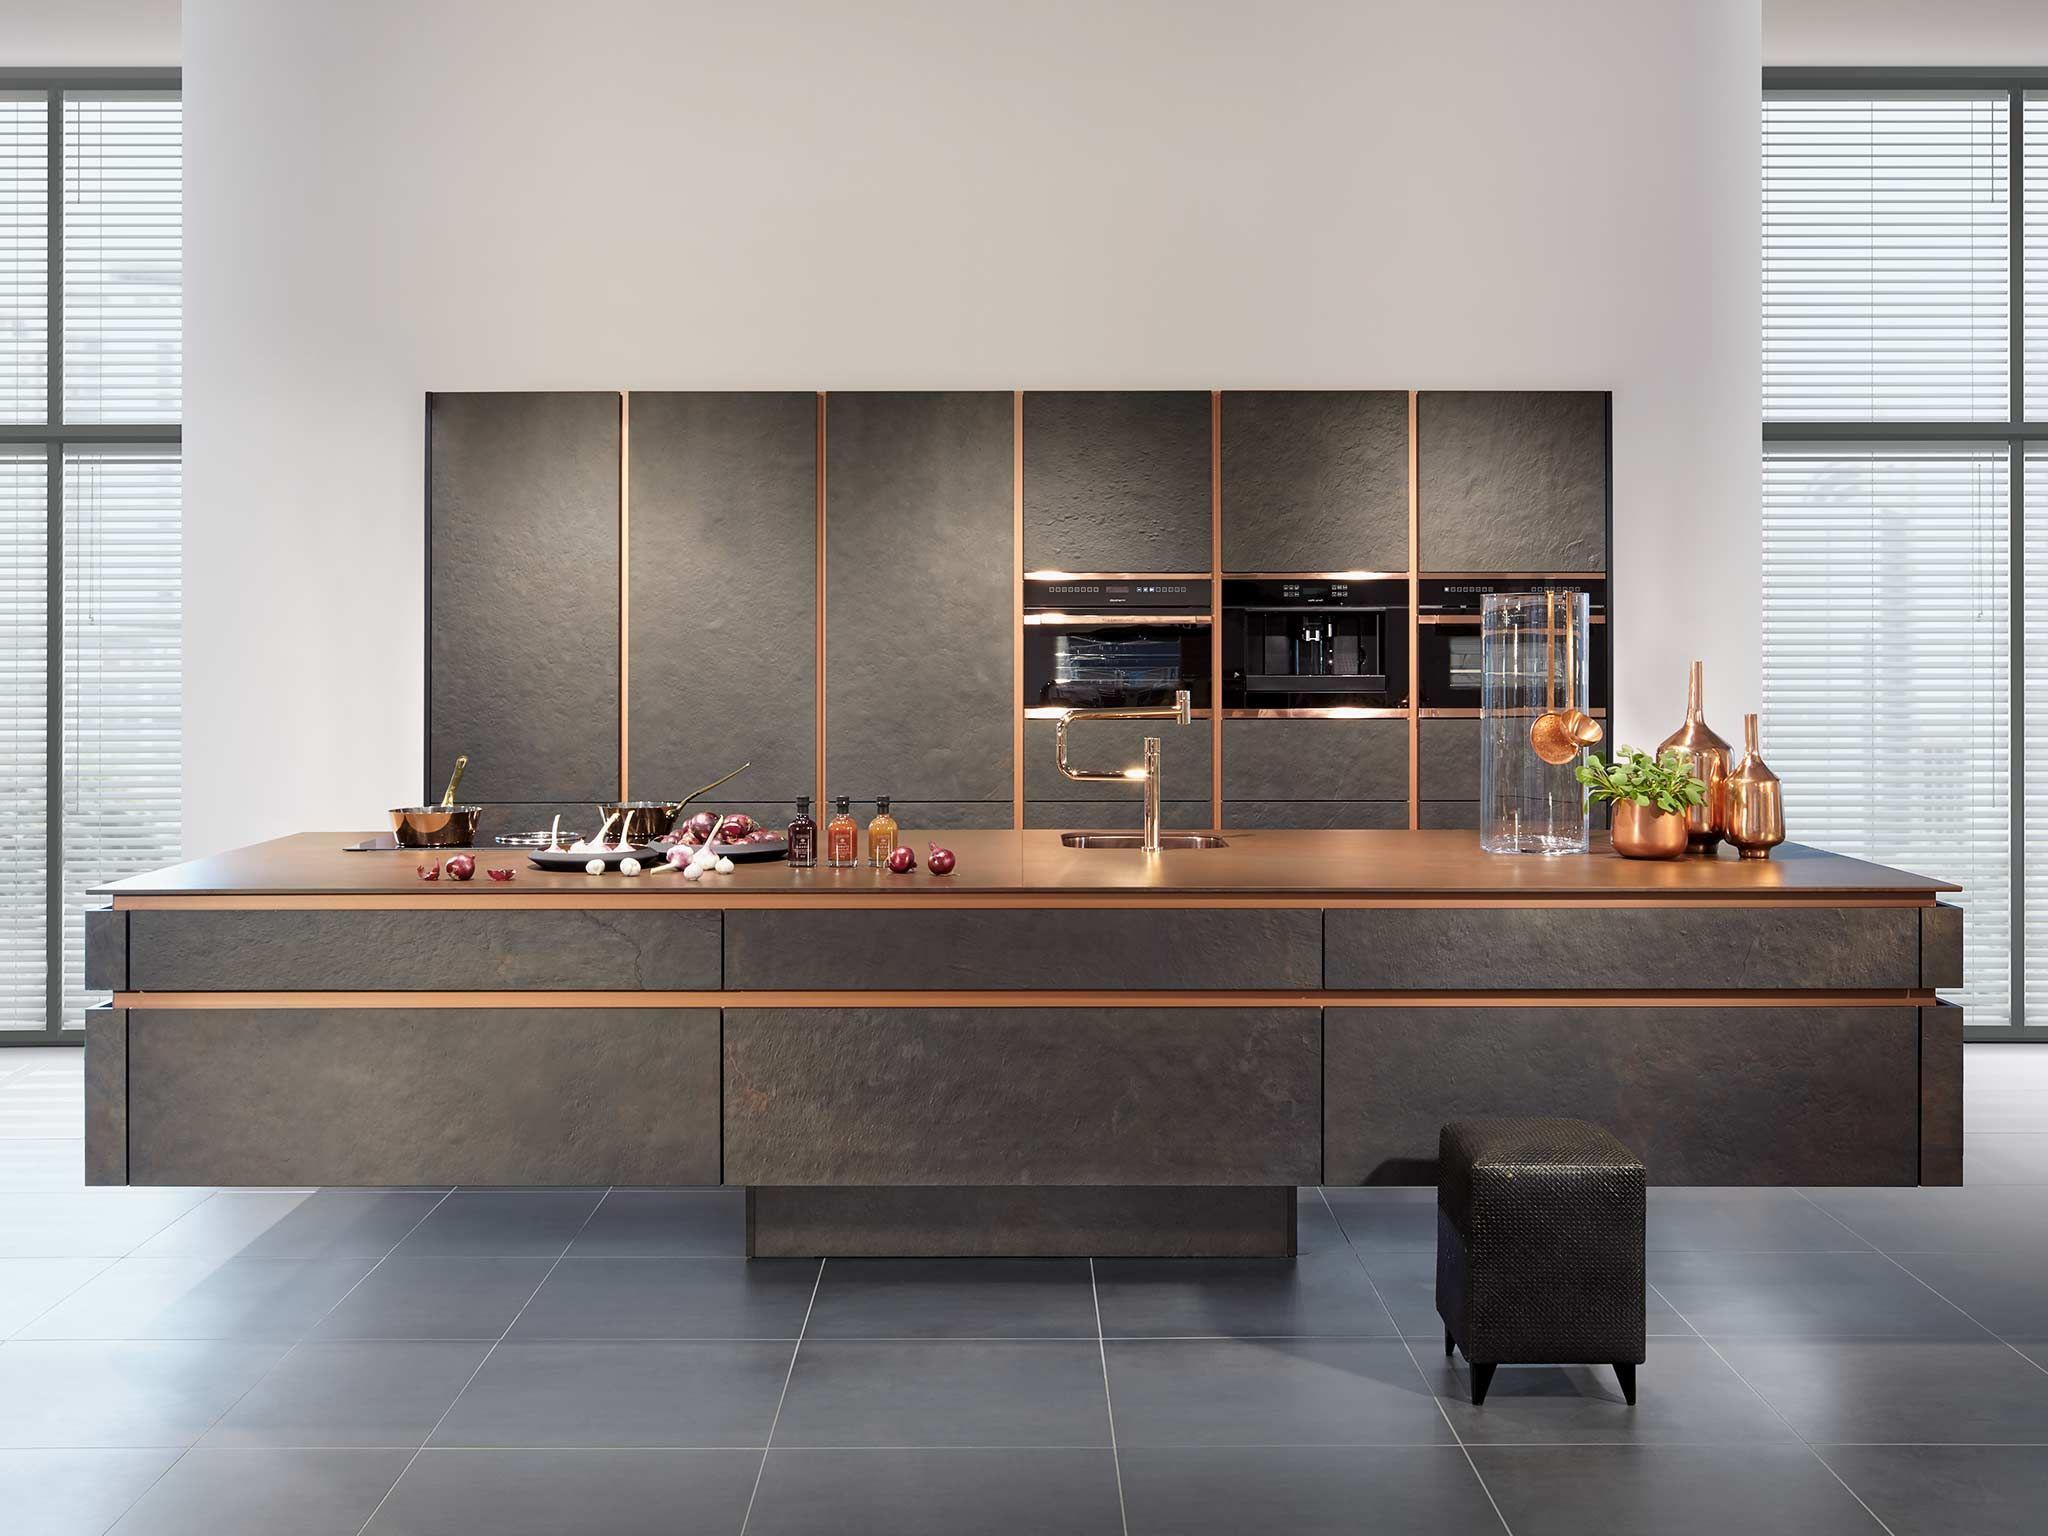 Forum Horizon Stone Schiefer Zeyko Kuchen Kuchentrends Kuchendesign Modern Moderne Kuchenideen